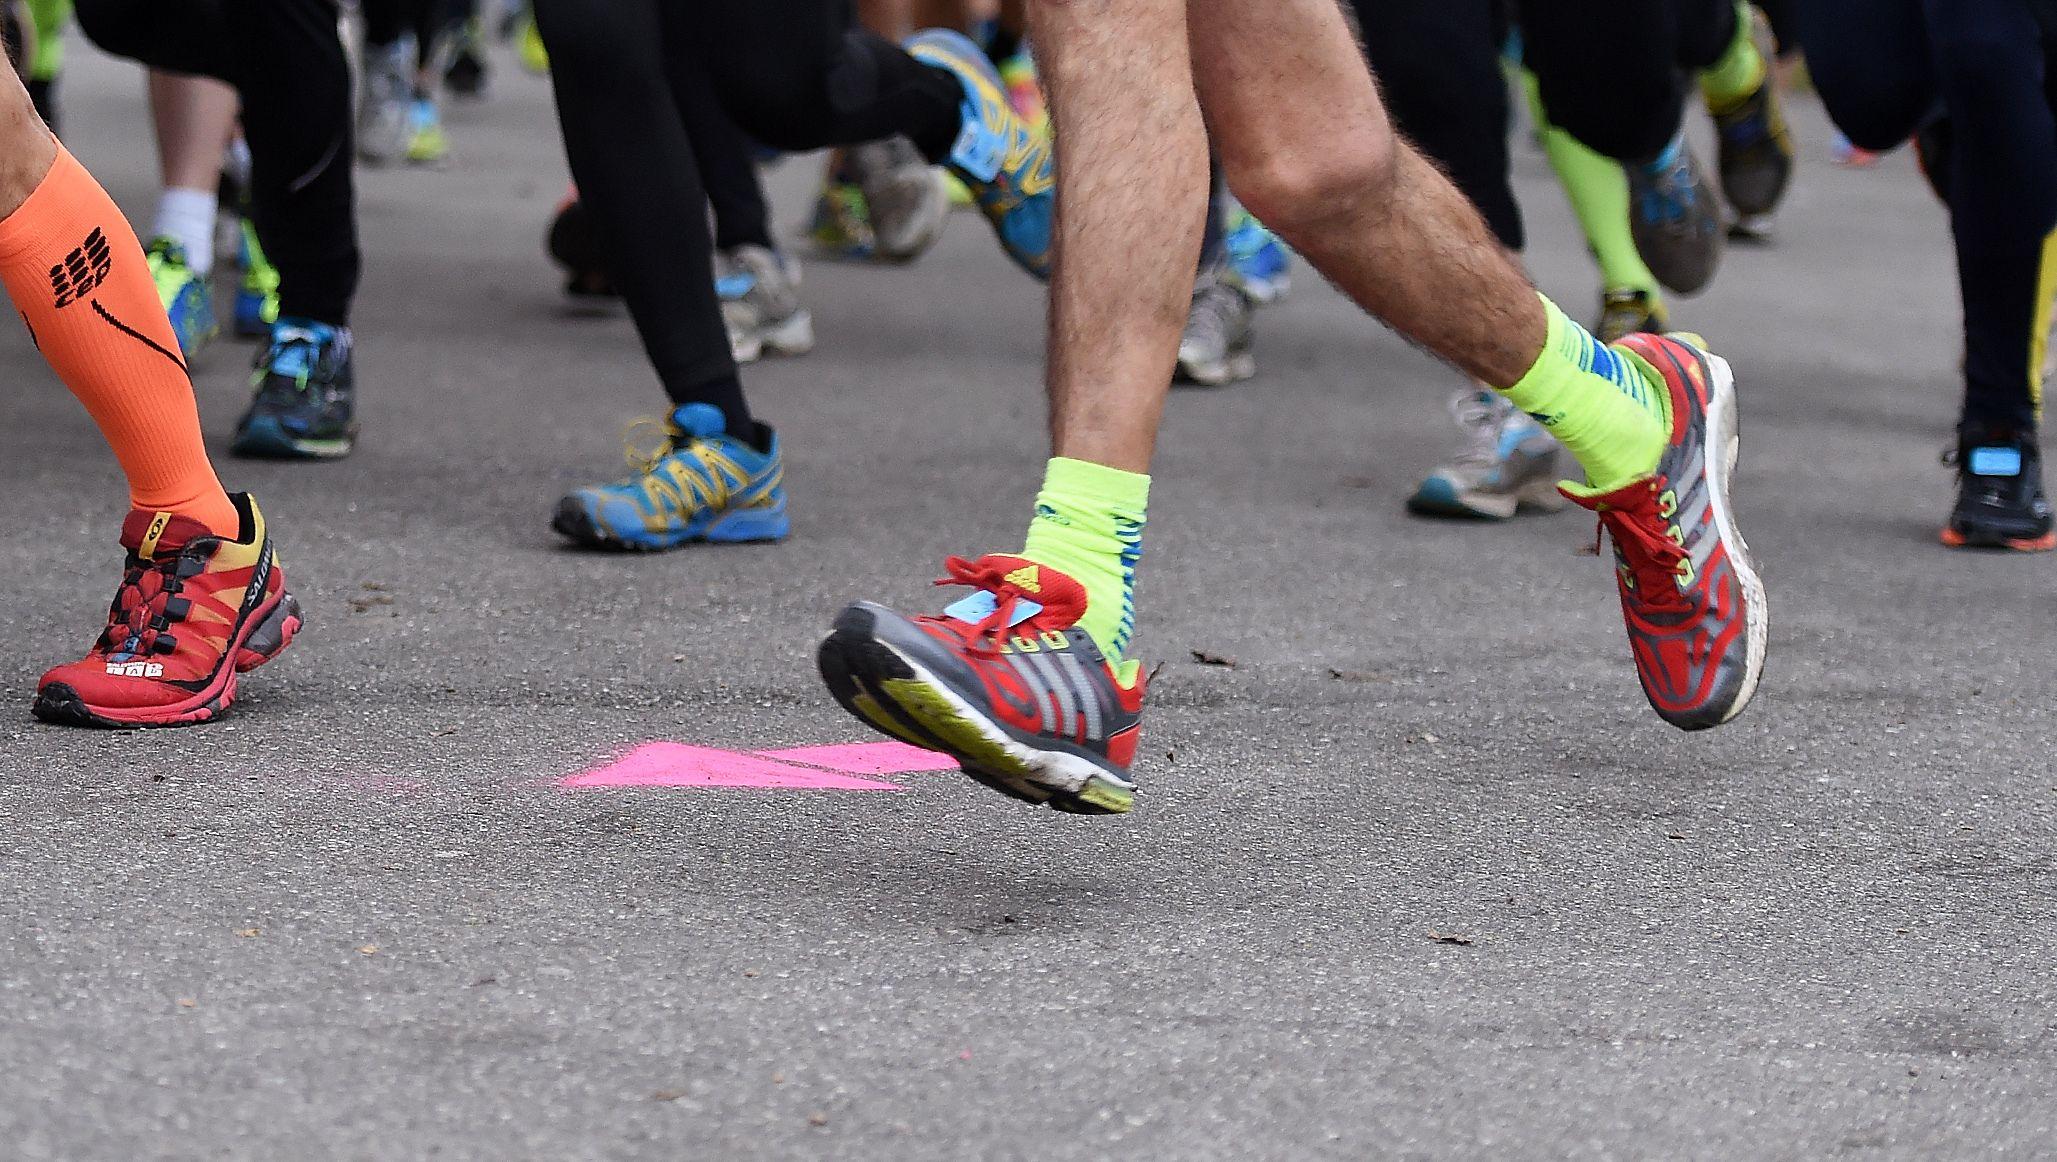 Beine von Läufern